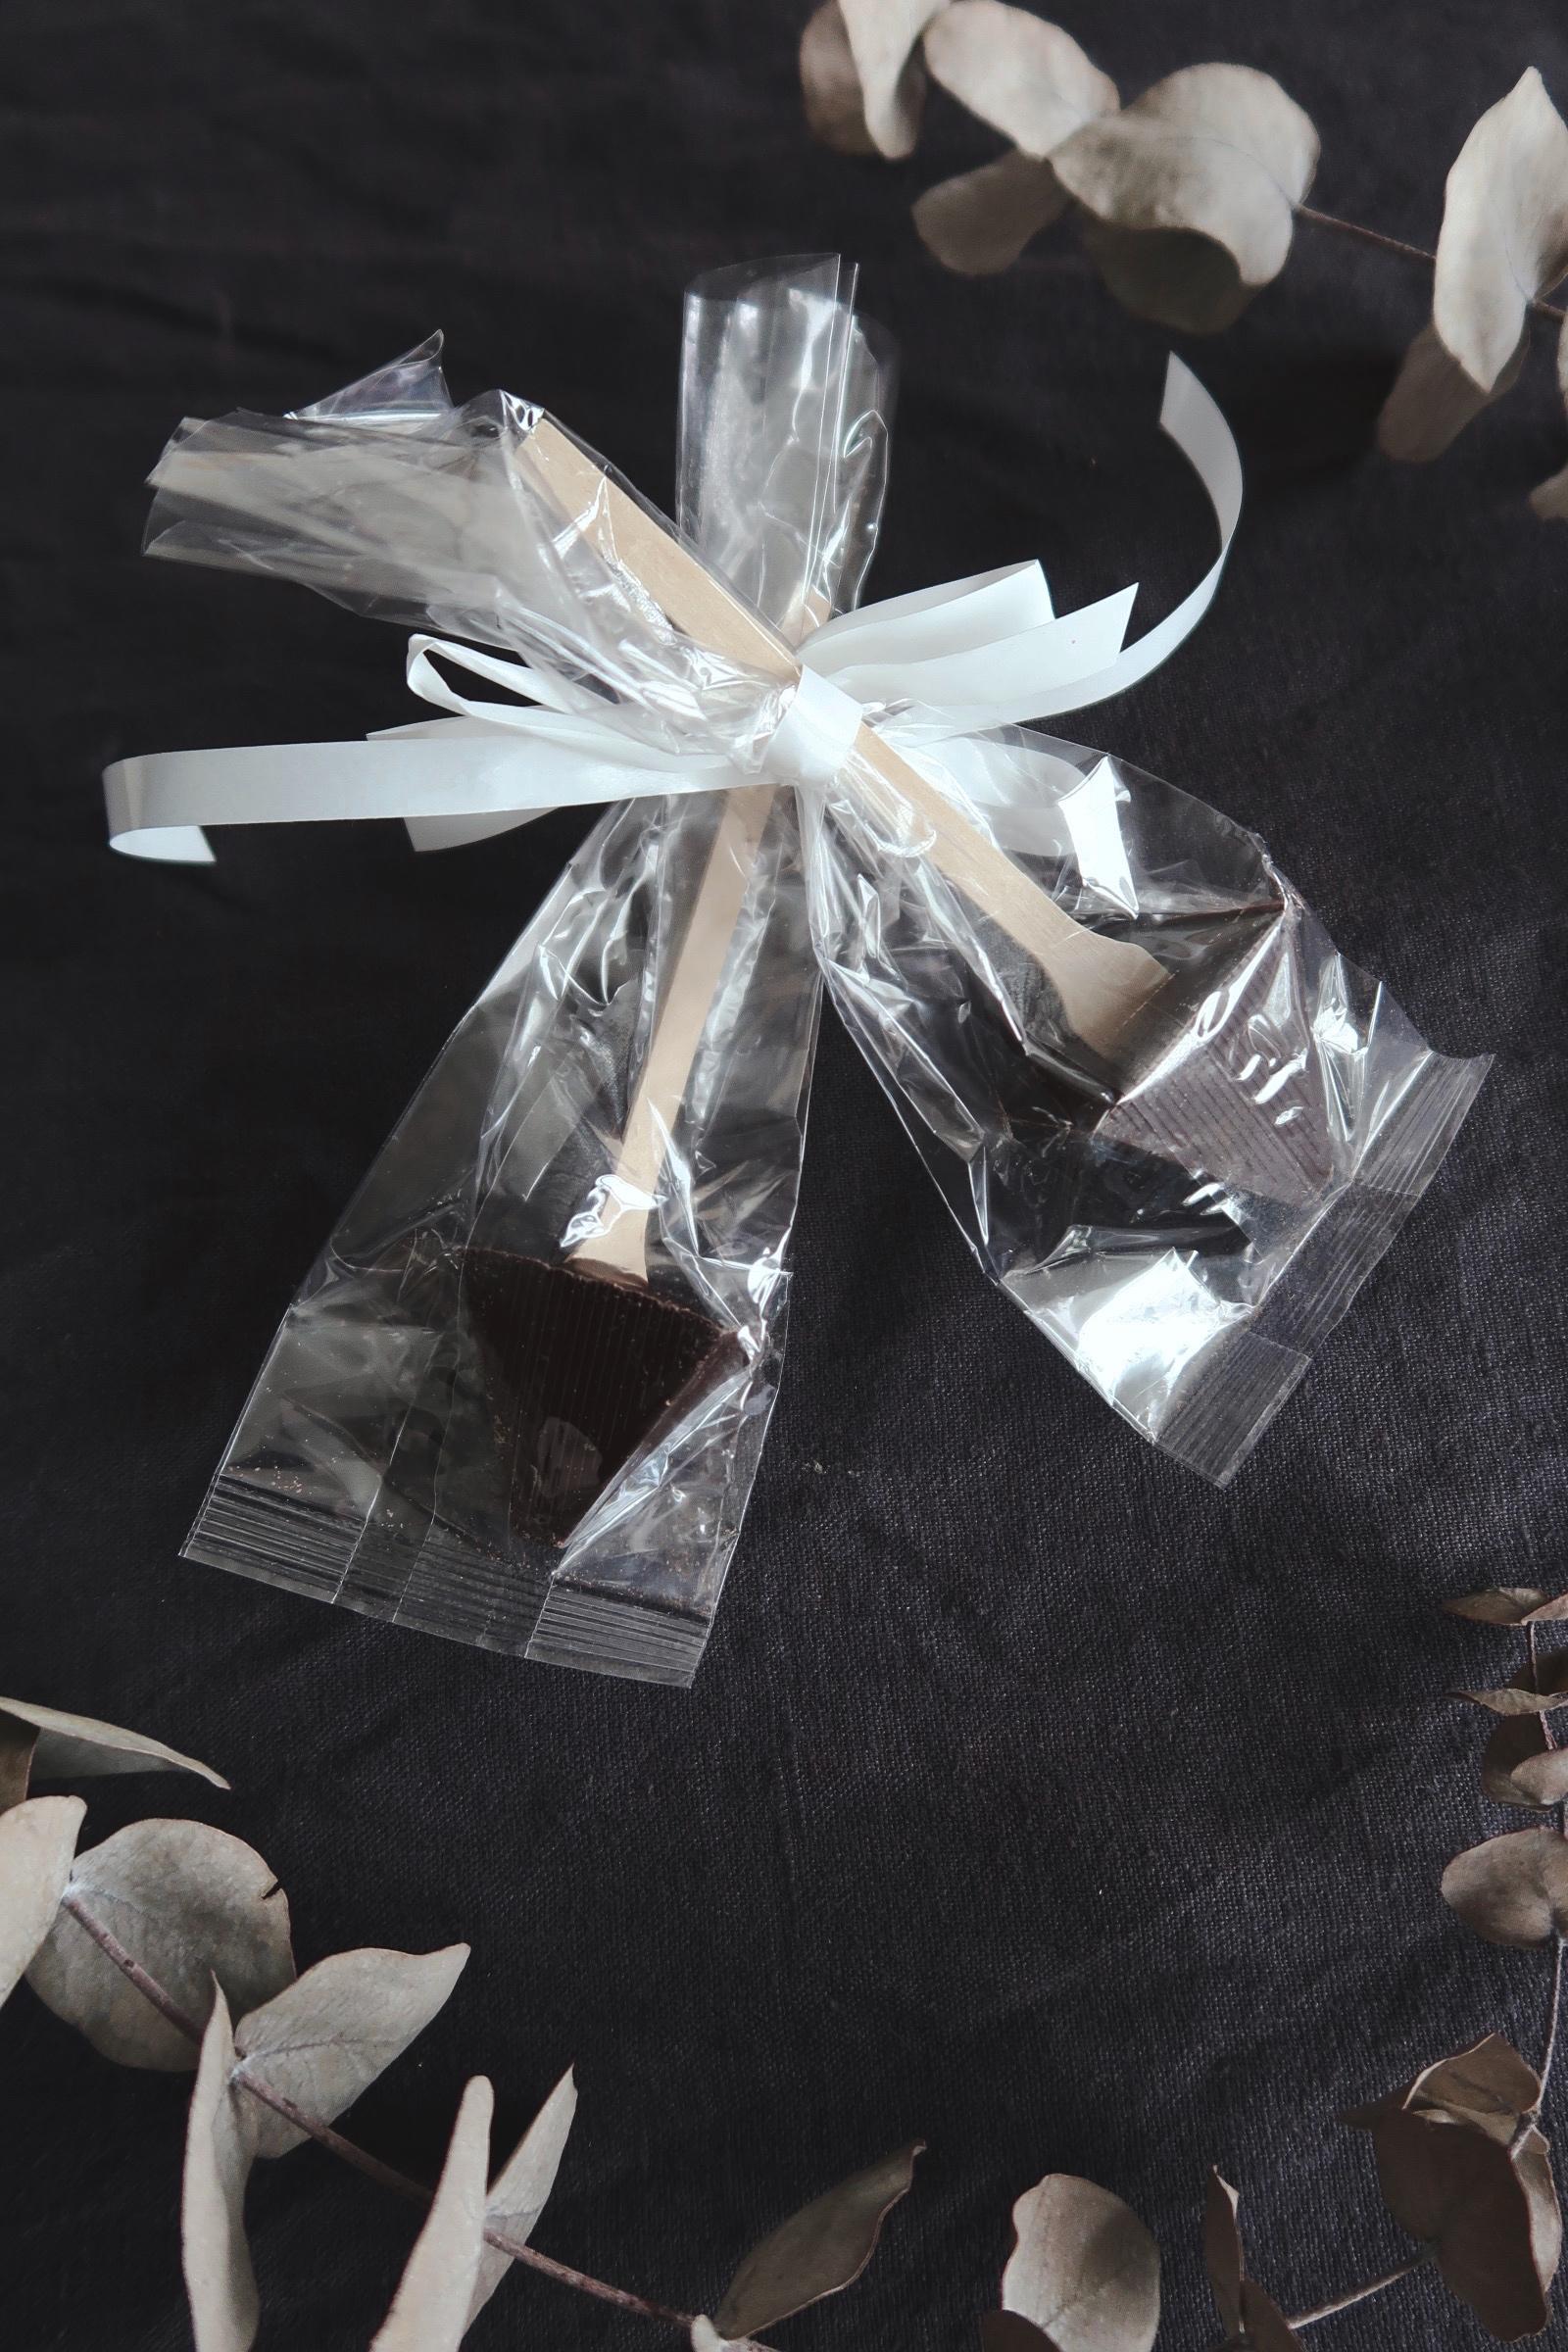 Choklad till varm choklad från Hovby no 9 i Lund